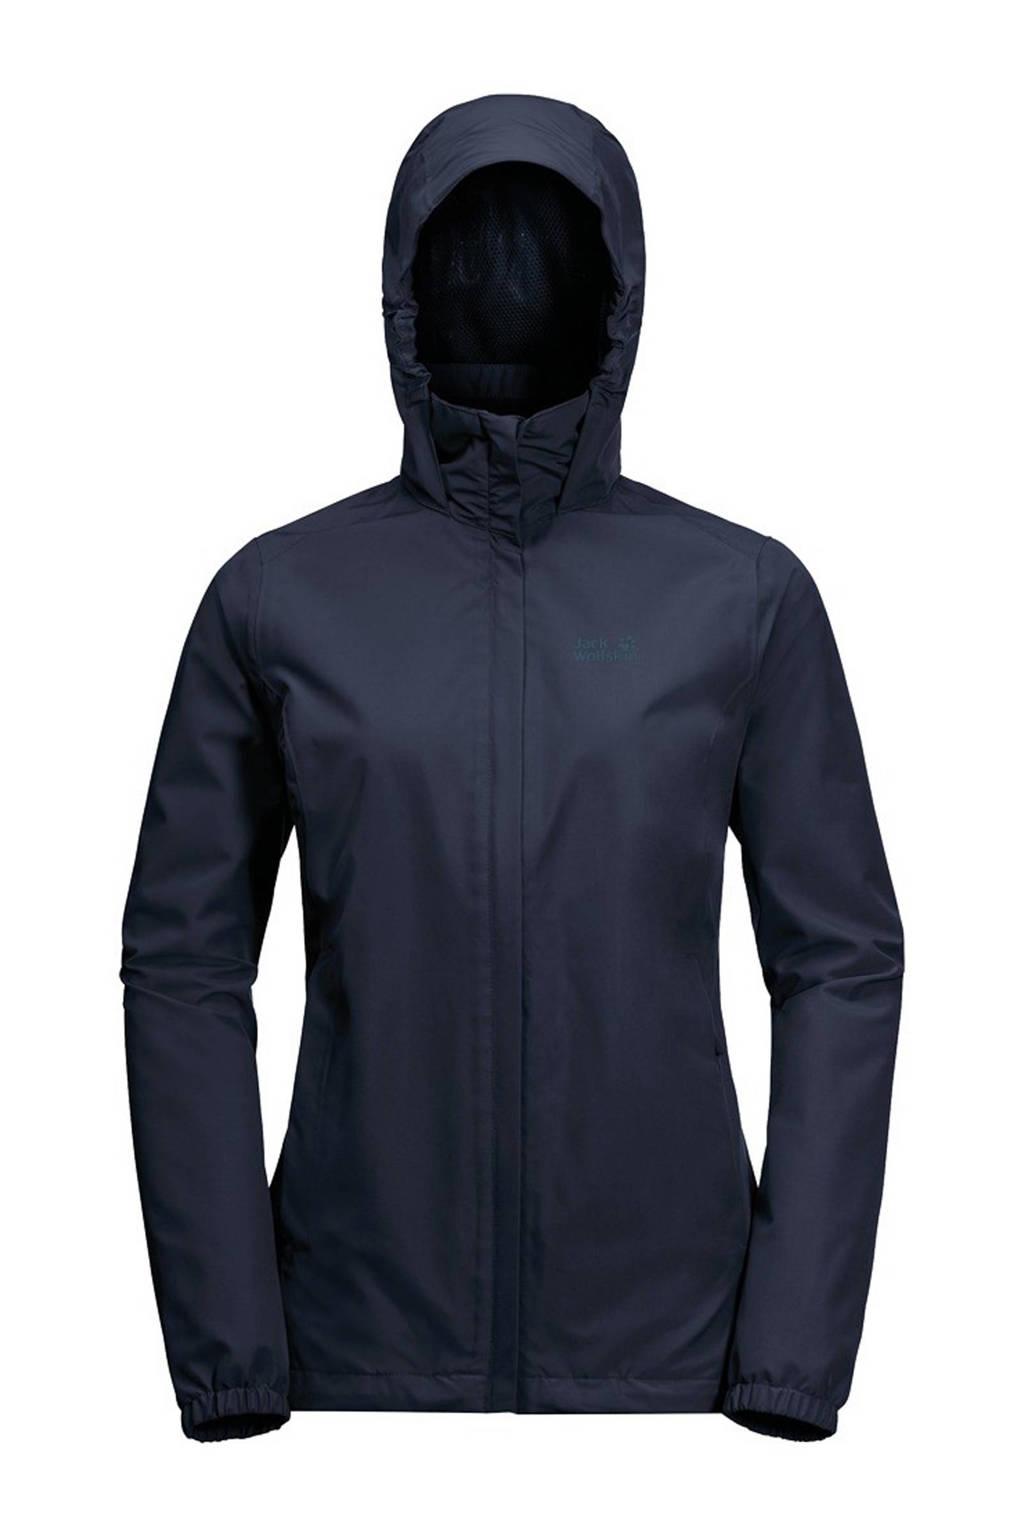 Jack Wolfskin outdoor jas donkerblauw, Midnight-Blue